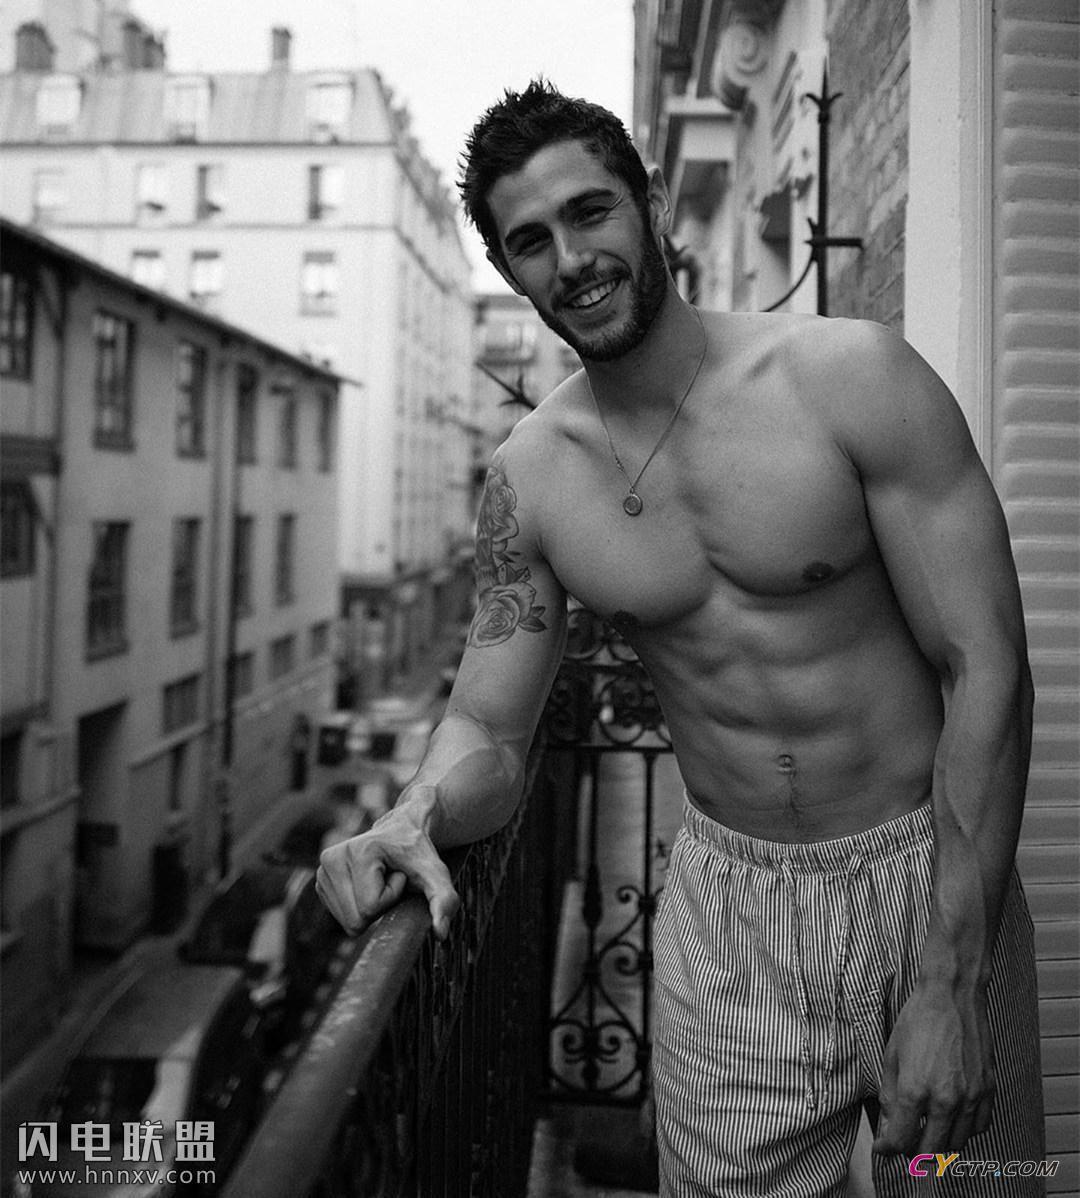 完美体形肌肉男模私房照第1张